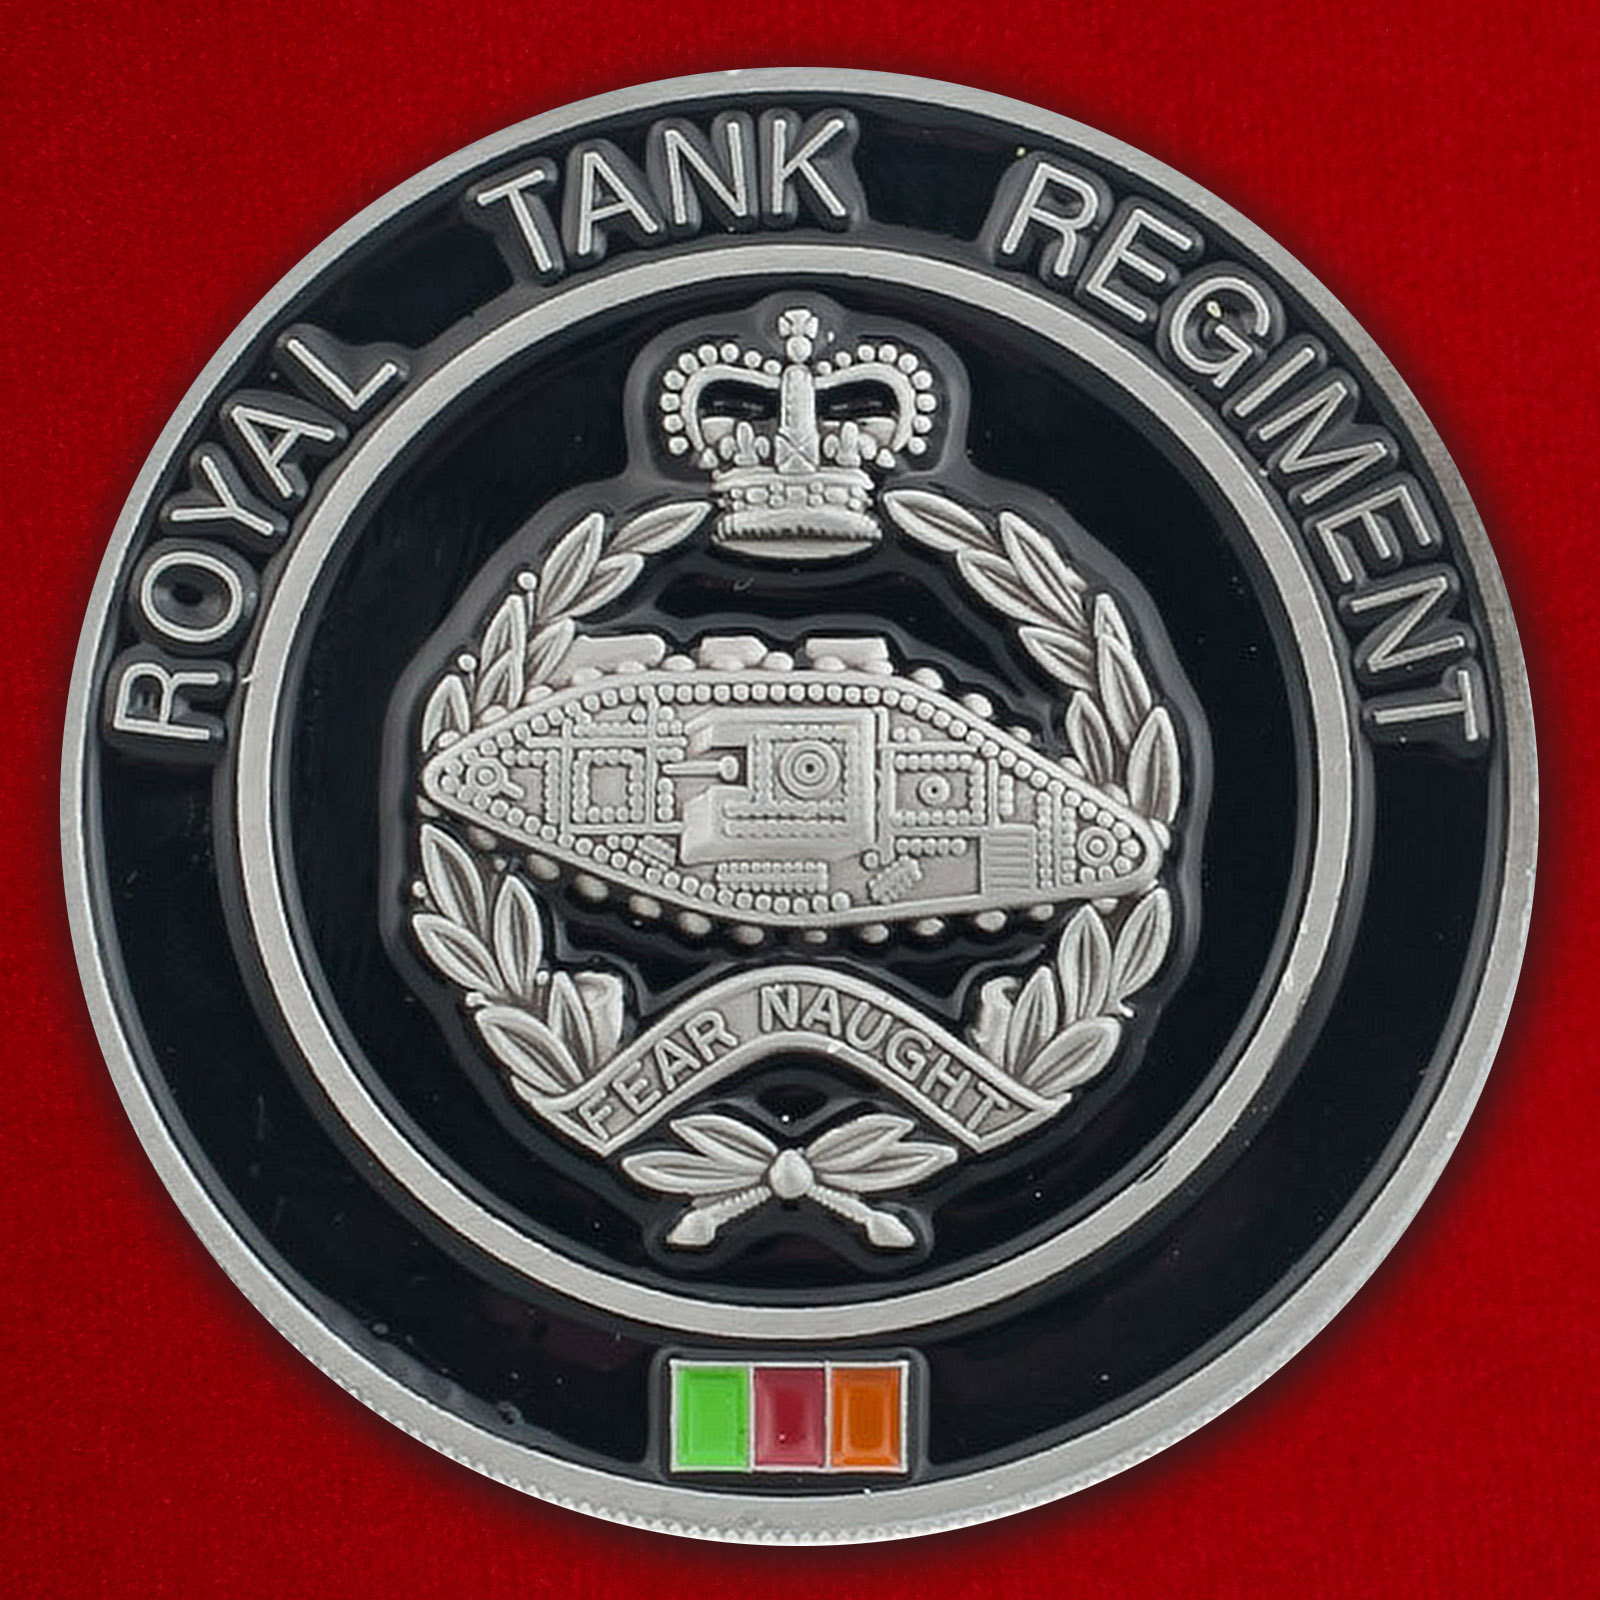 Челлендж коин к 100-летию формирования Королевского танкового полка Великобритании